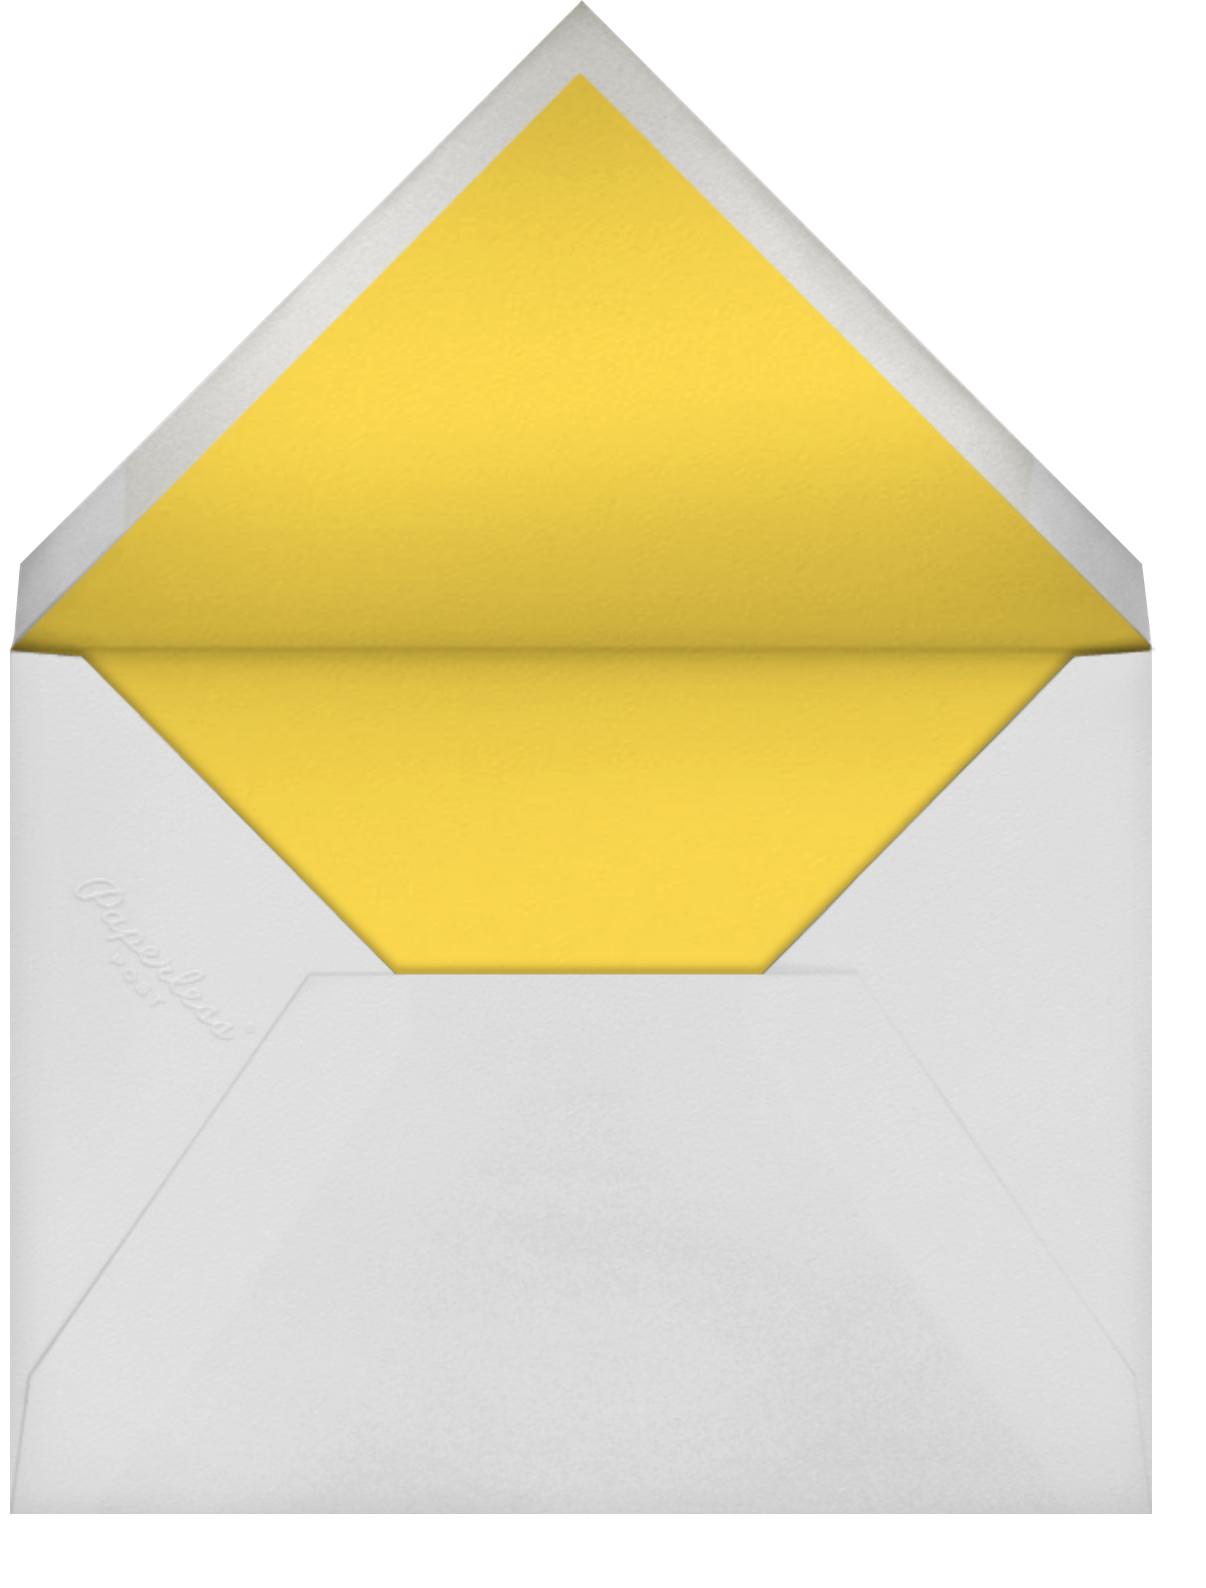 Dragon Vase (Becca Stadtlander) - Red Cap Cards - Graduation thank you cards - envelope back